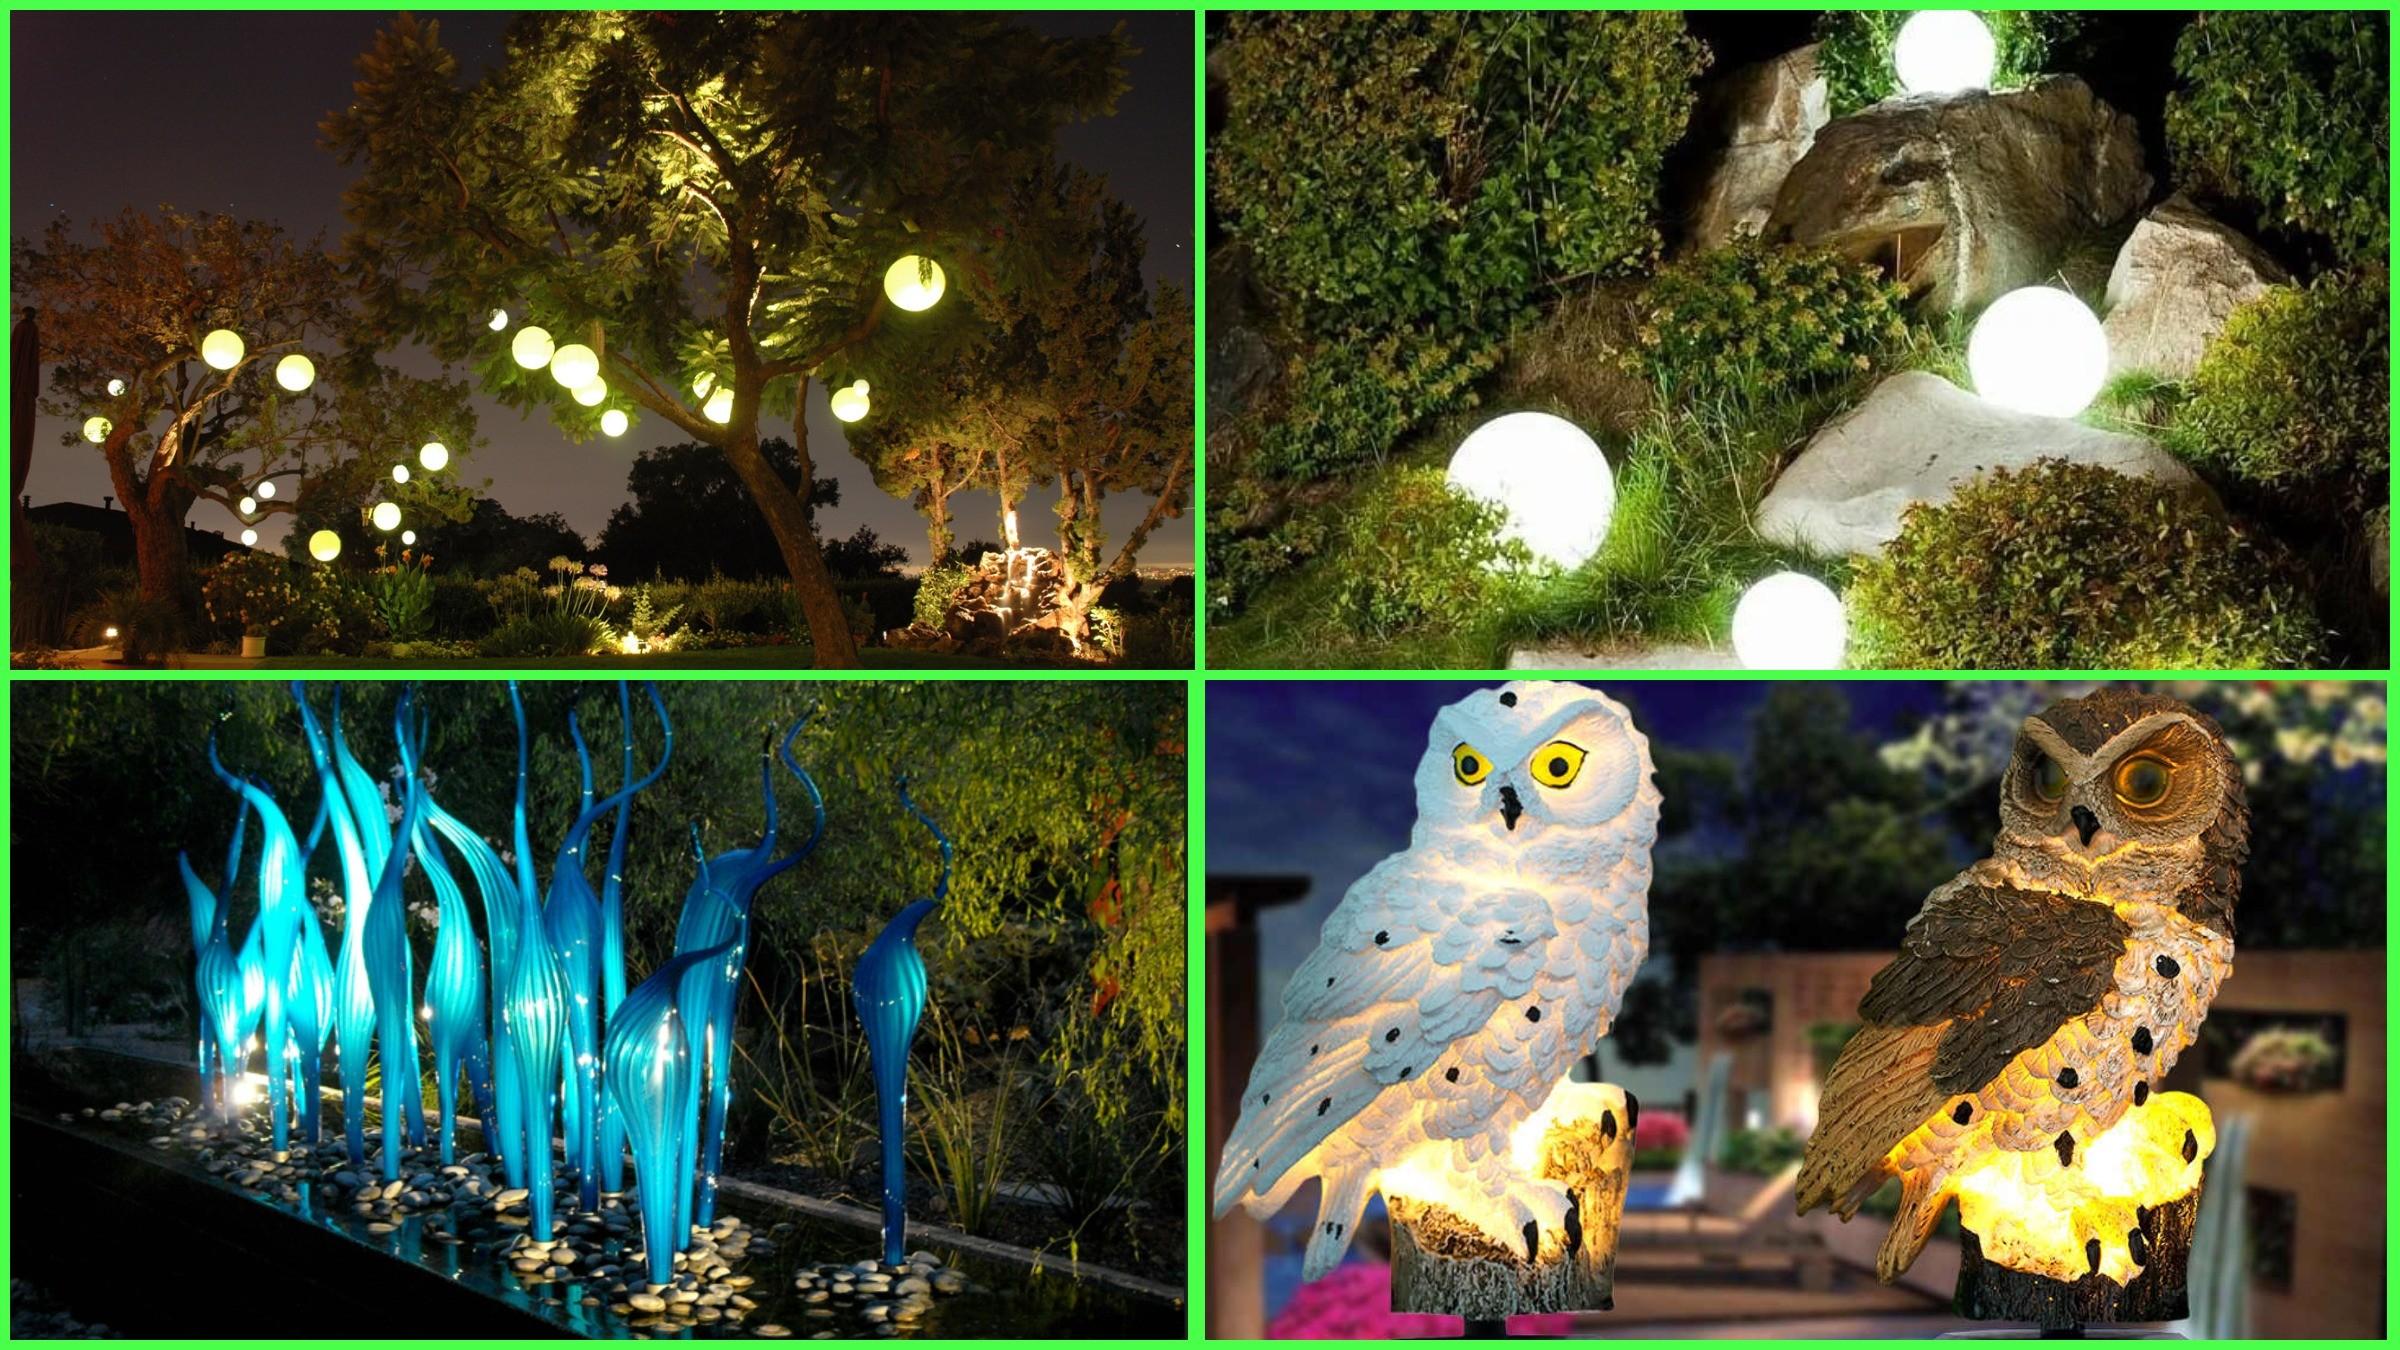 изображение уличных светильников и подсветки скульптур